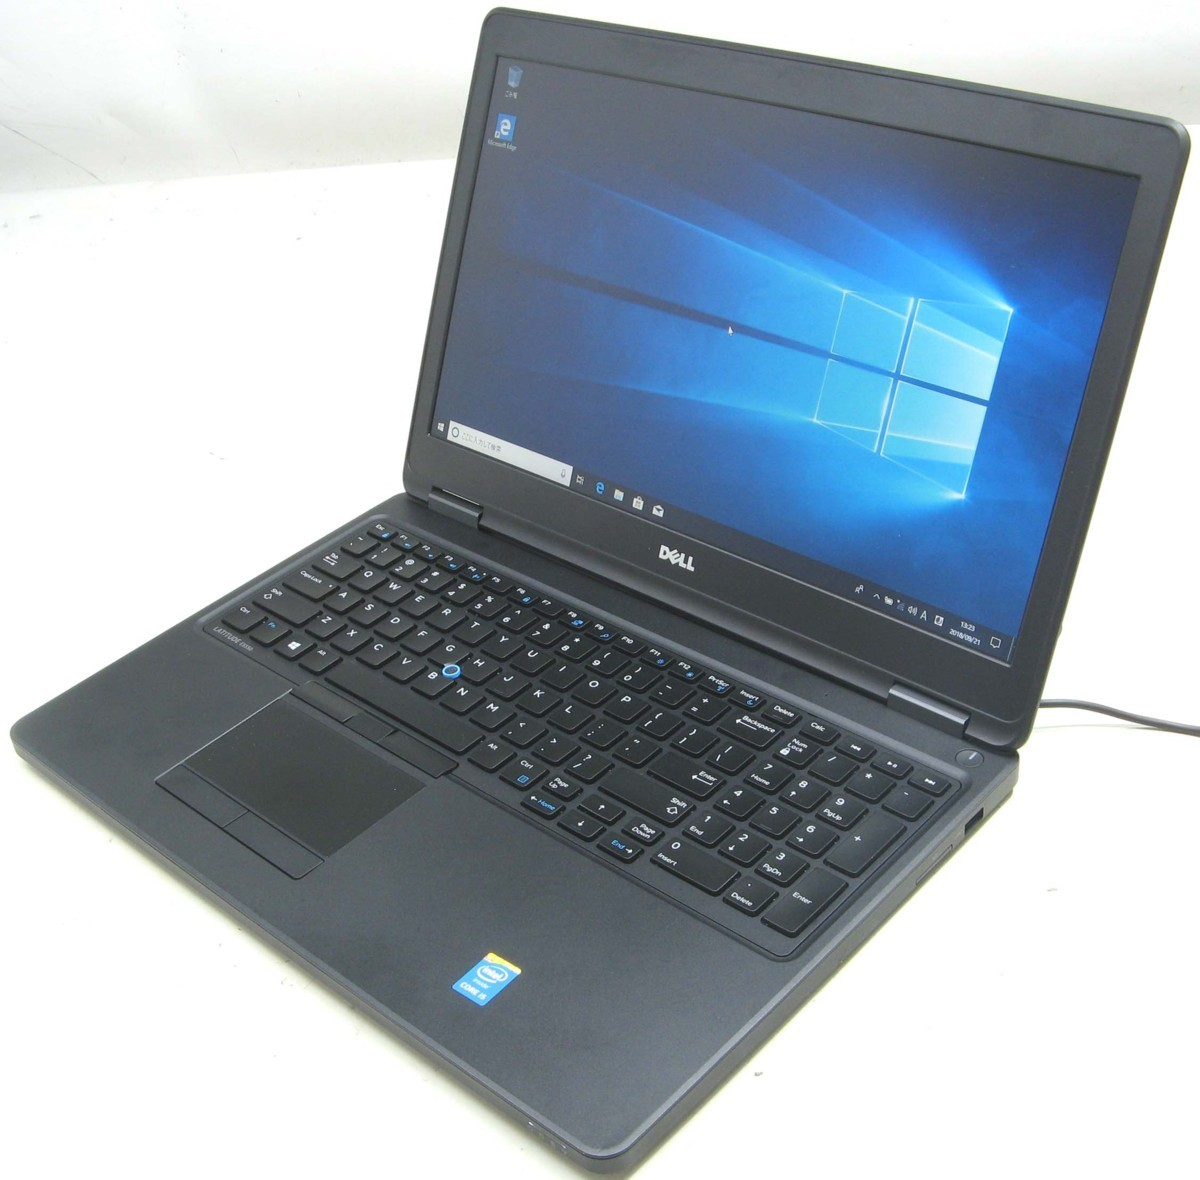 中古ノートパソコン DELL Latitude E5550-2300HD(デル Windows10 Corei5 HDMI出力端子)【中古】【中古パソコン/中古PC】